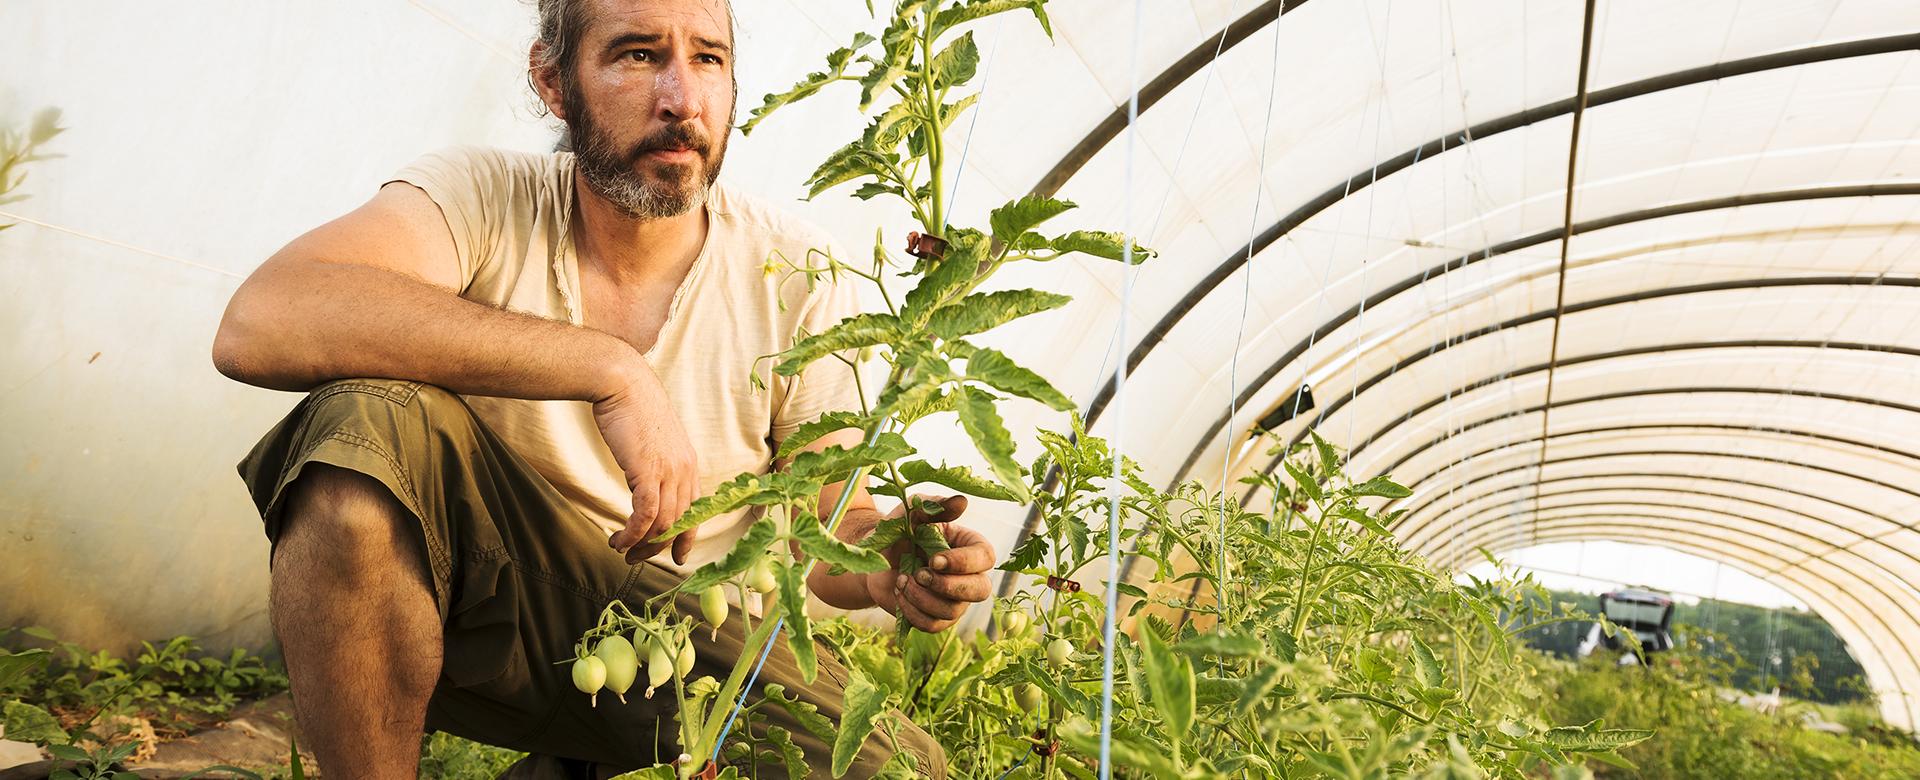 Un pôle d'agriculture biologique pour développer la filière bio